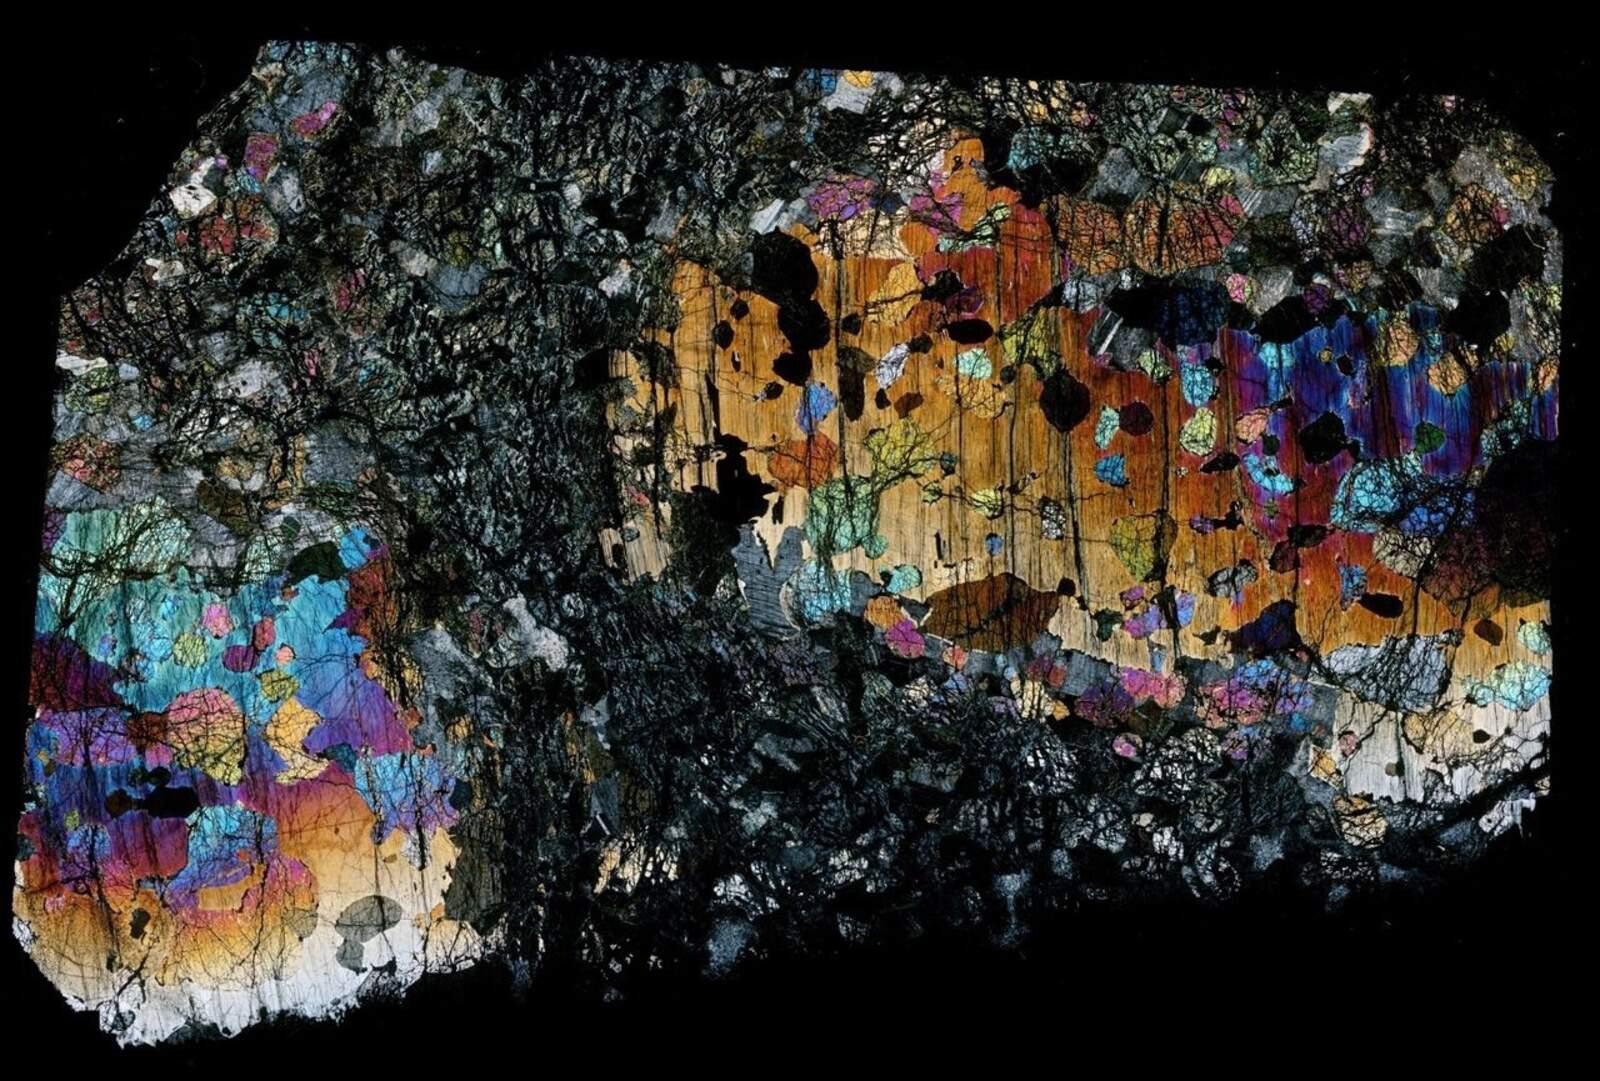 Les inclusions fluides a l'interior de l'olivina contenen nanodiamants, a més de serpentina, magnetita, silici metàl·lic i metà pur.